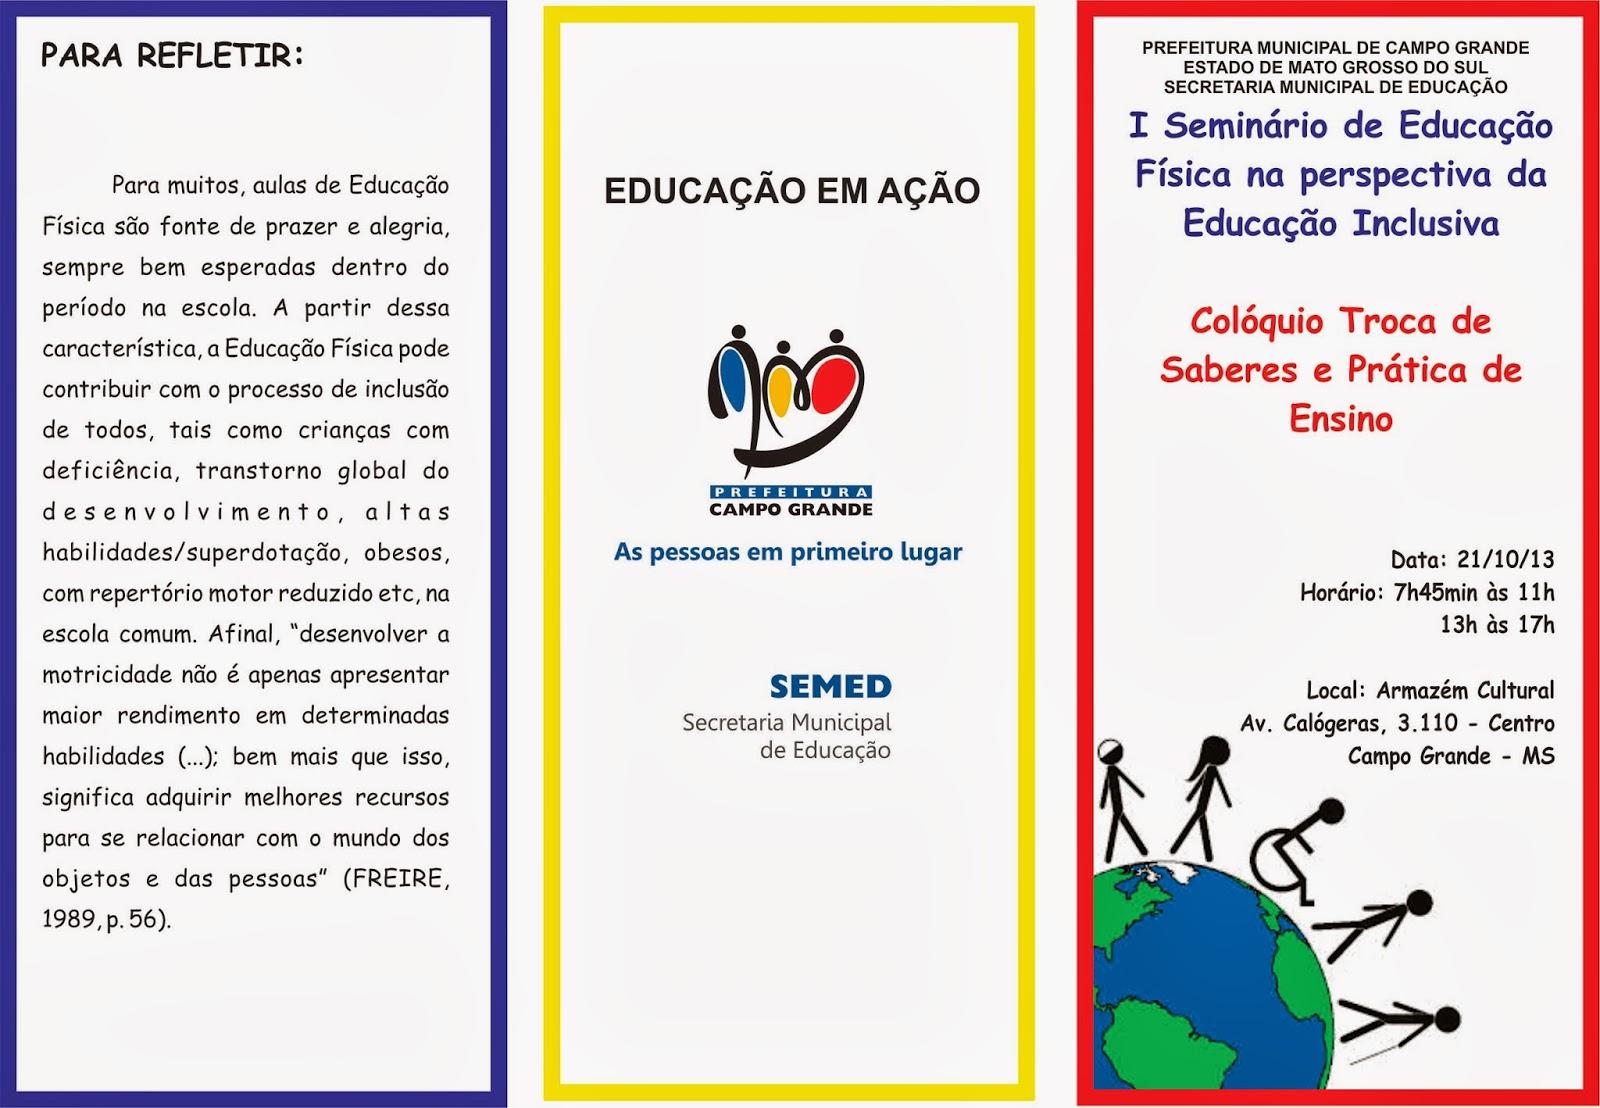 Trabalho sobre educação especial inclusiva